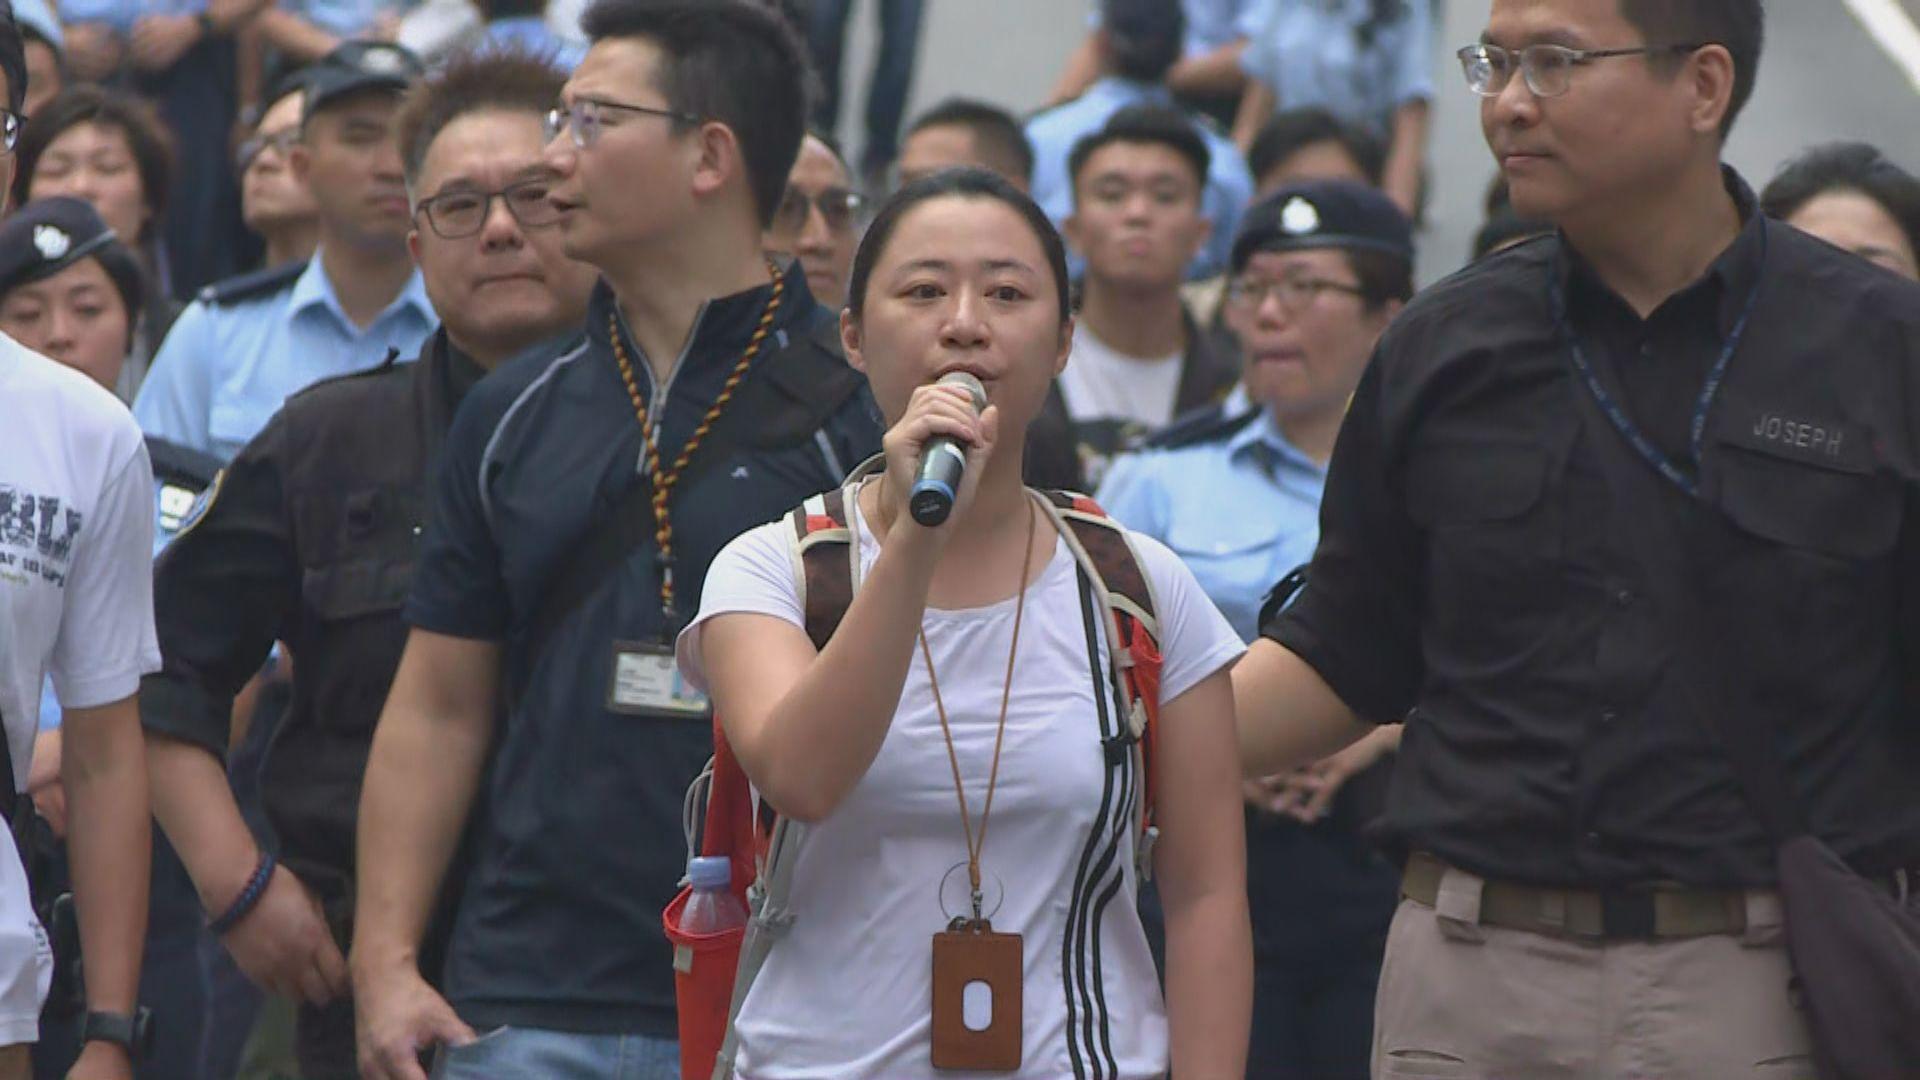 談判專家籲示威者轉到行人路集會